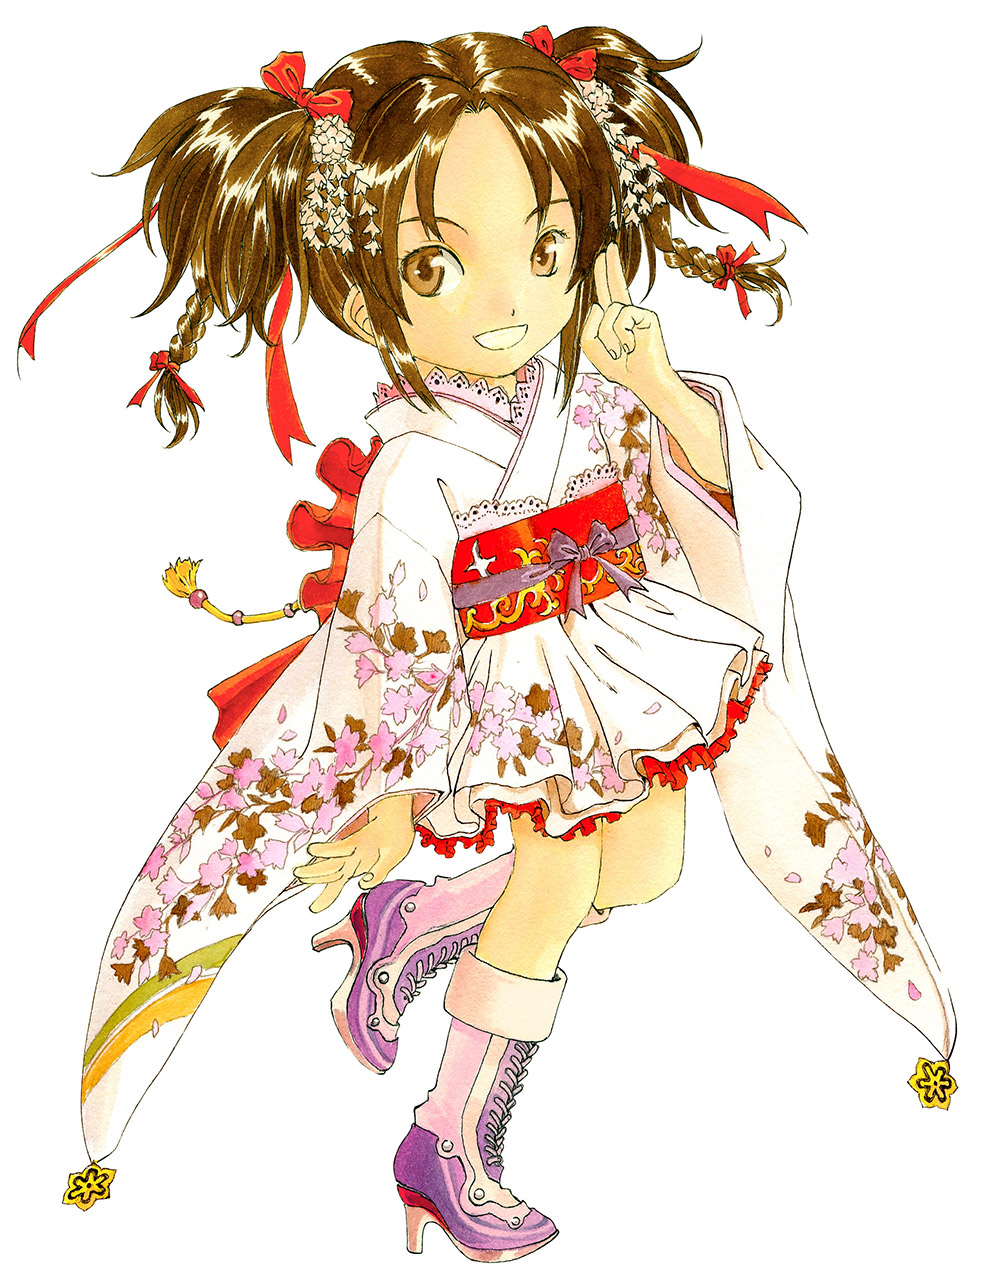 【コスプレエロ画像】ミニスカ着物やゴス系などのコスプレをした美少女のイラストまとめ! 05